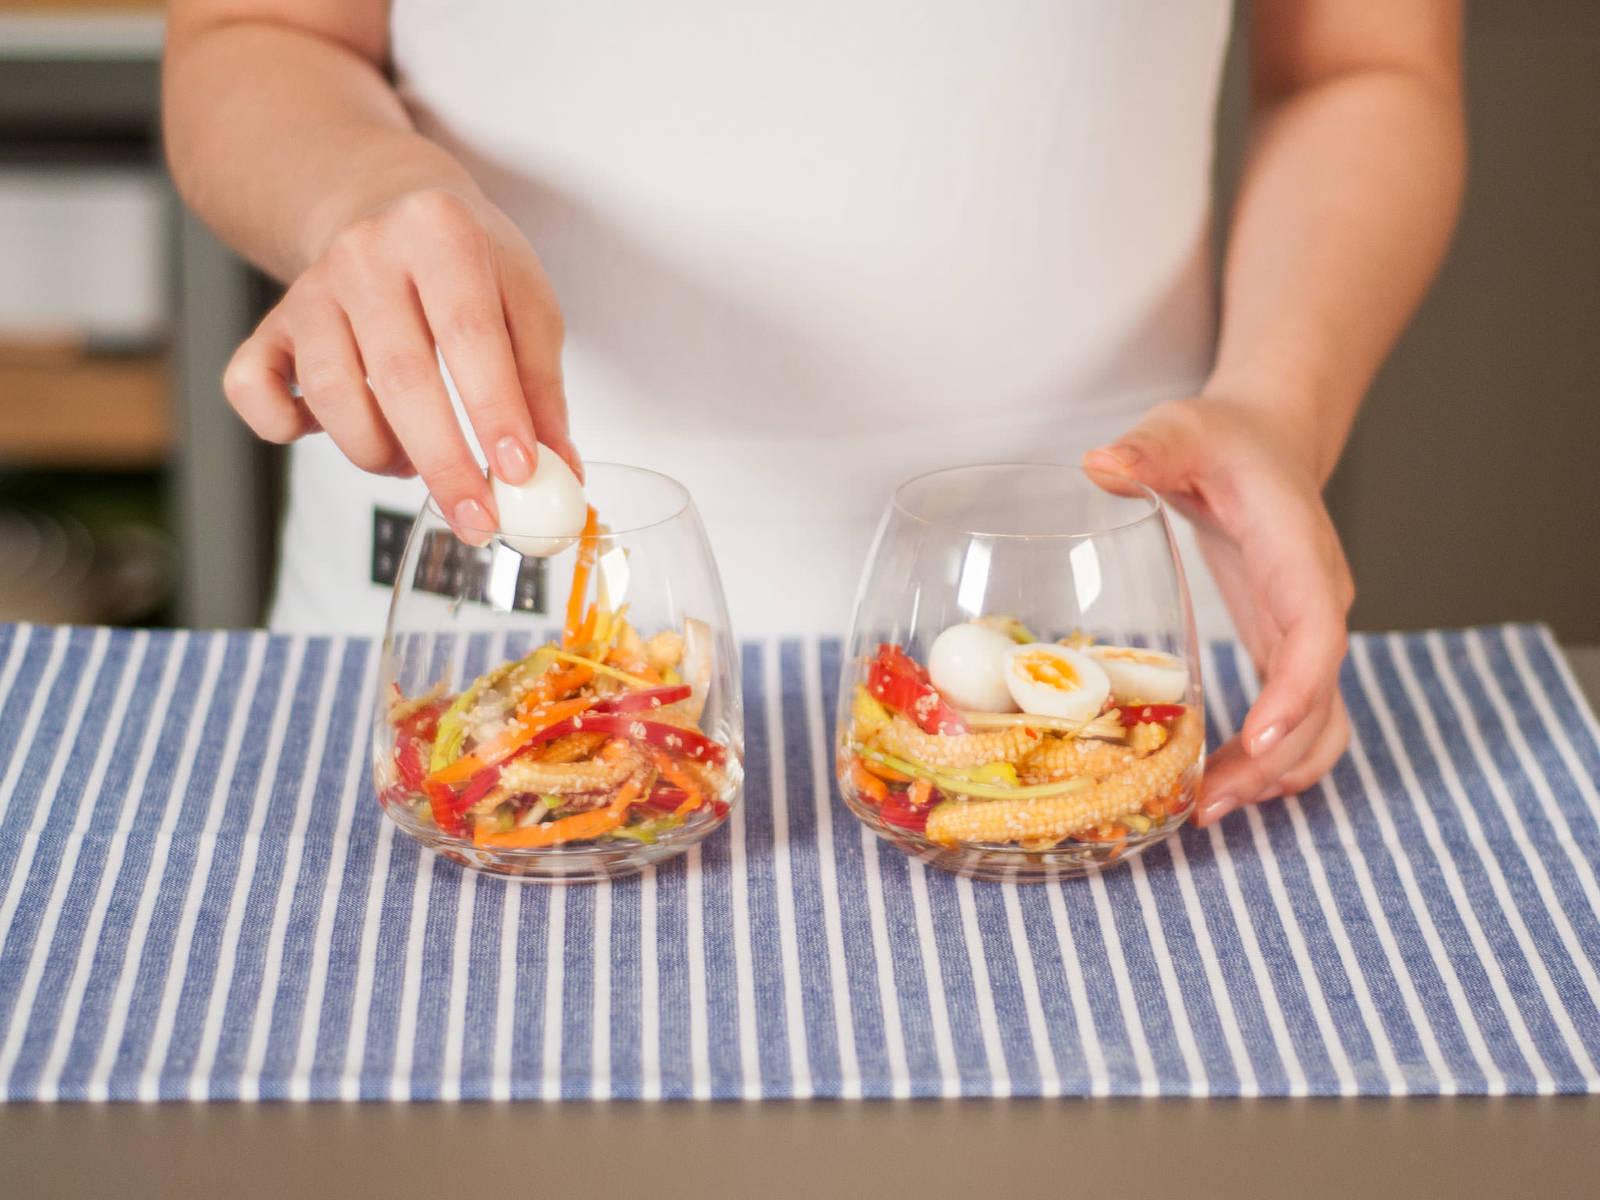 将拌好的沙拉和鹌鹑蛋放入玻璃杯中。趁热享用吧!